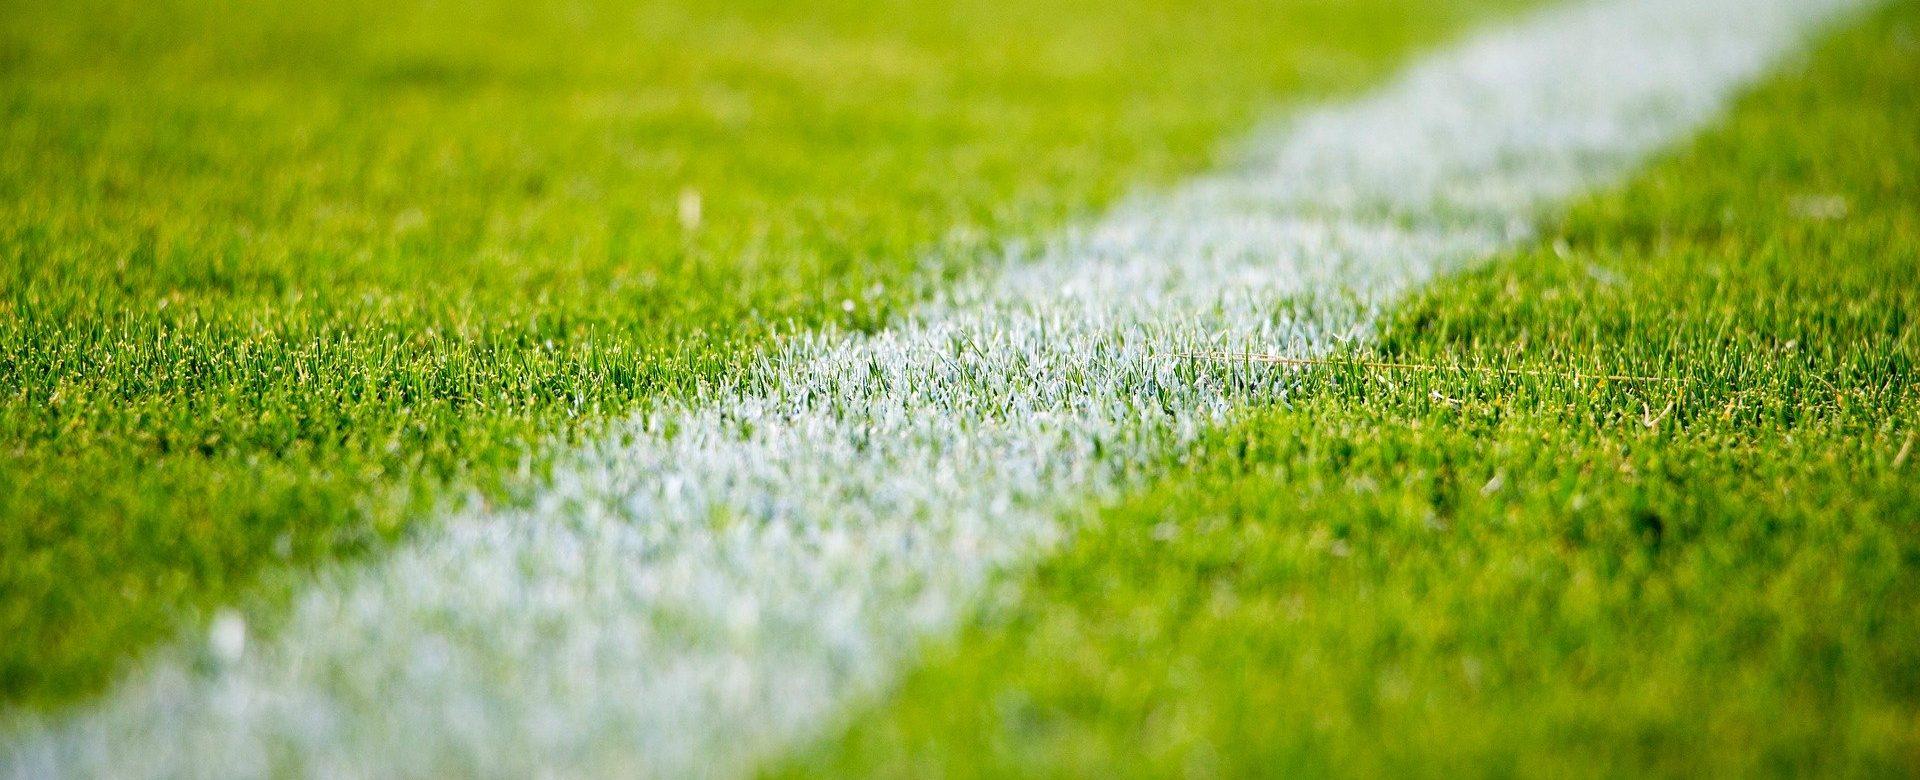 Sportvereinigung Finanz: Fußball